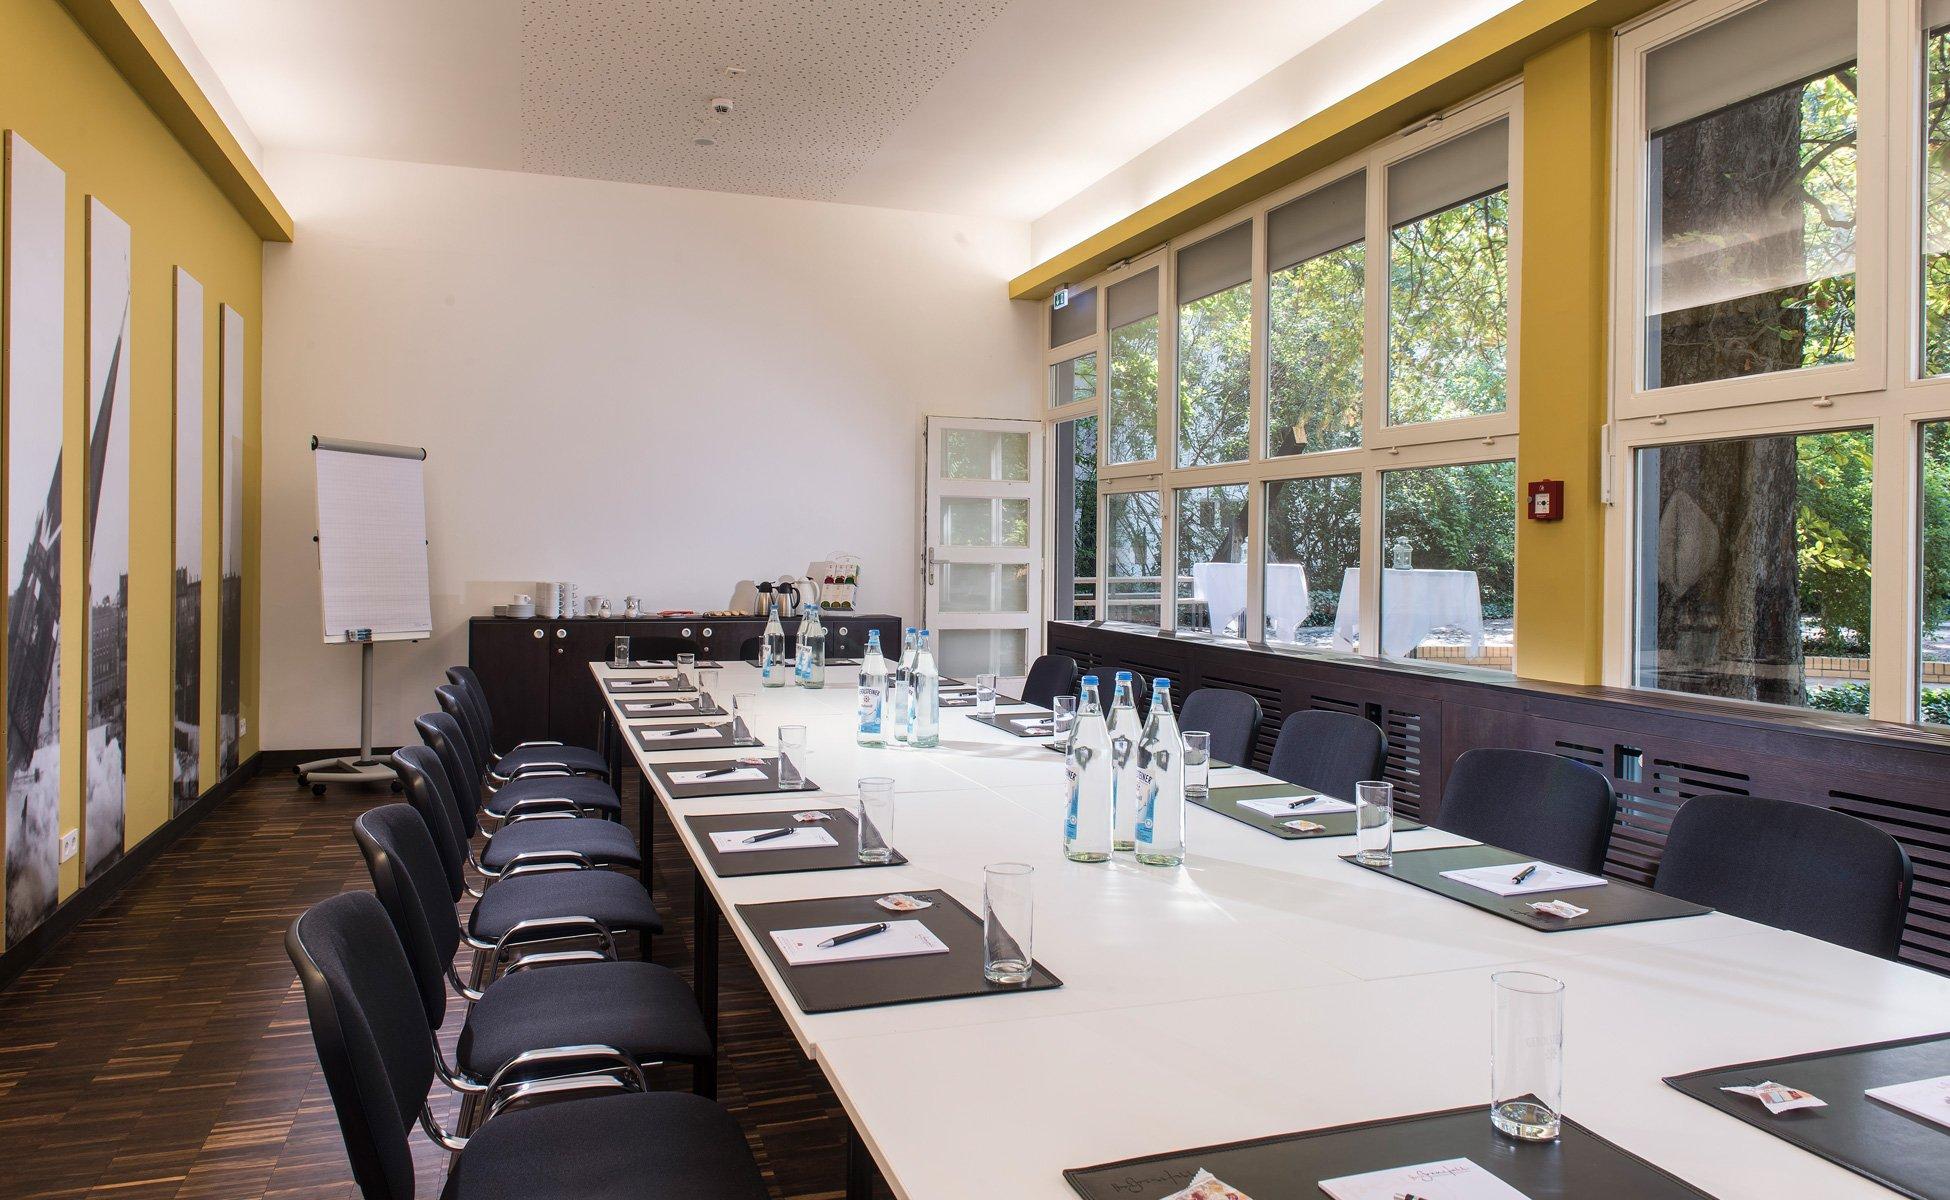 Tagungen im Hotel Grenzfall – mittlerer Konferenzraum